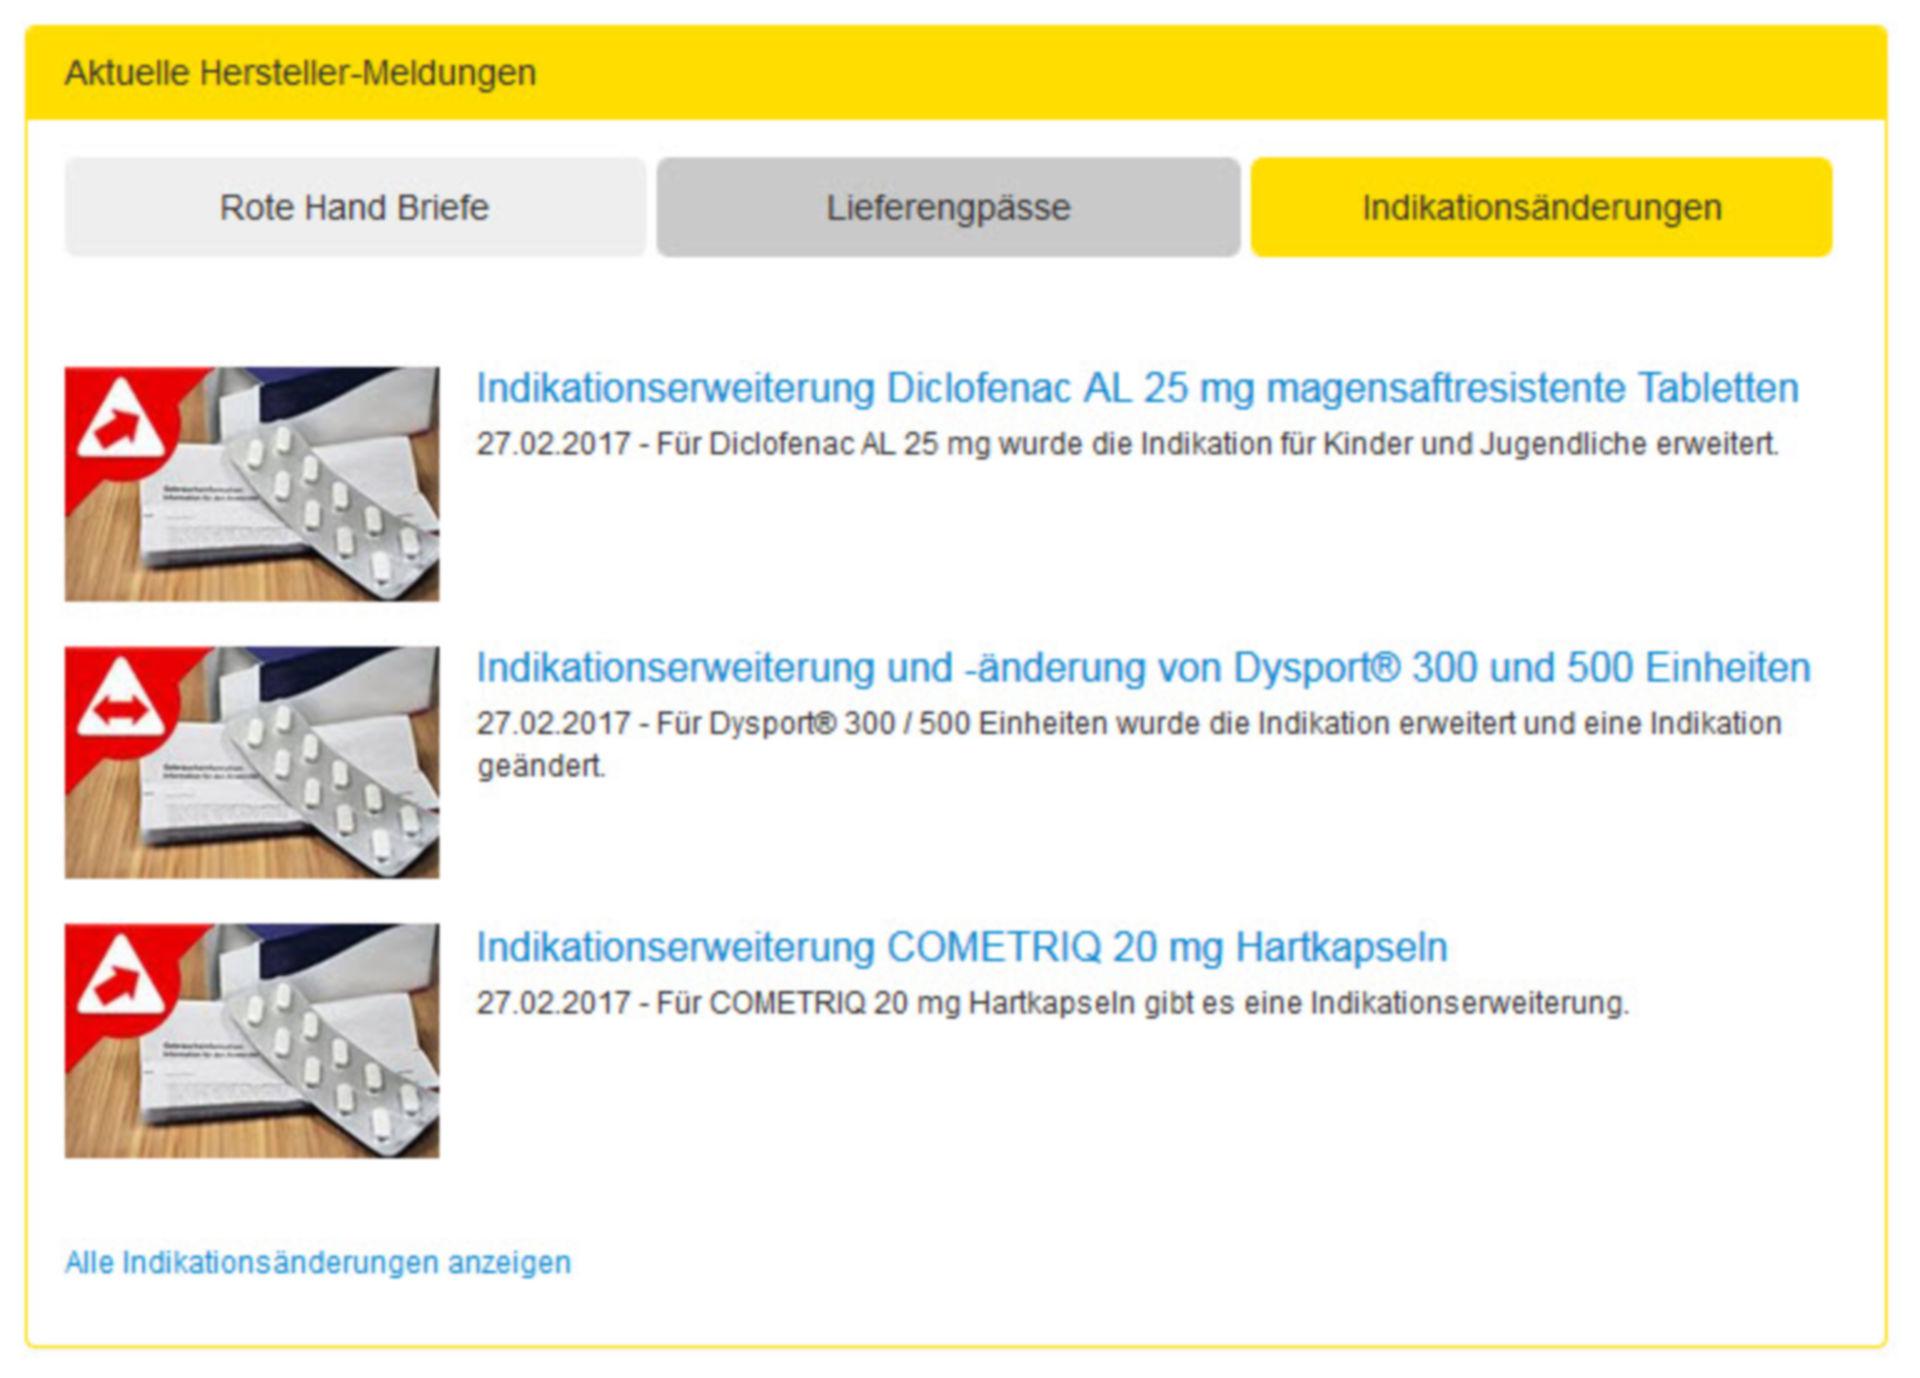 Aktuelle Hersteller-Meldungen